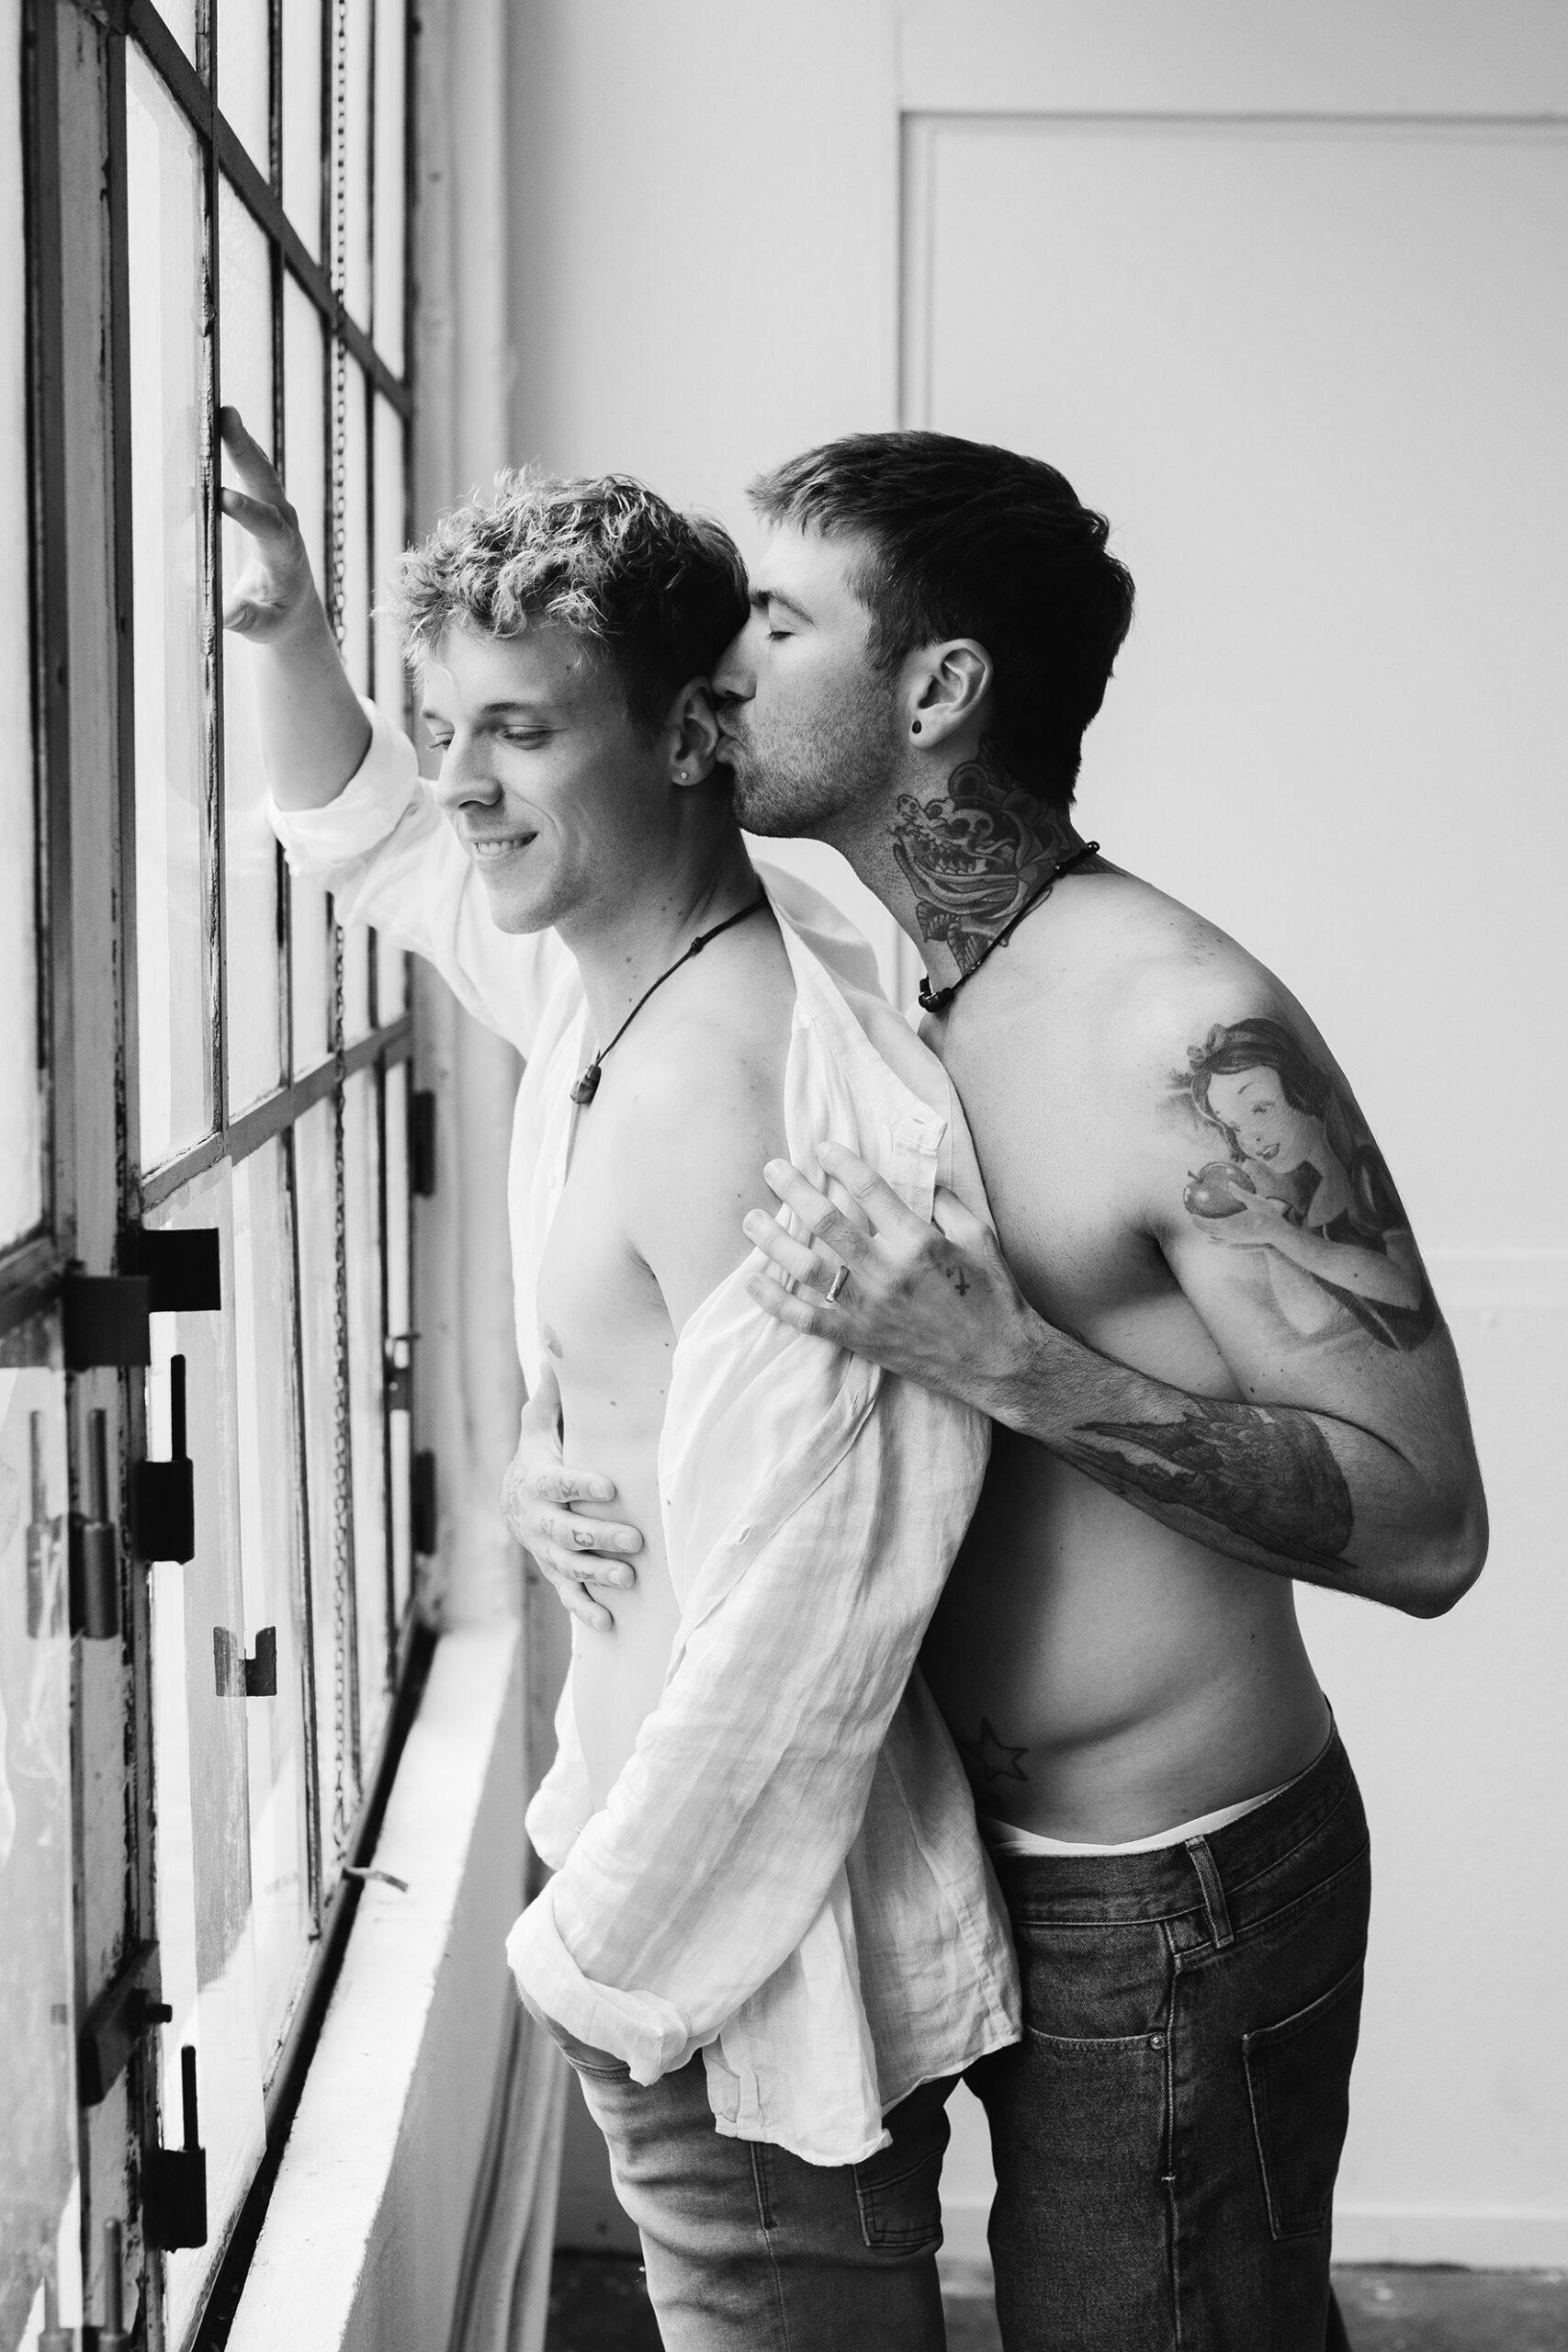 Schwules Paar steht vor Fensterwand für Couple Boudoir fotos